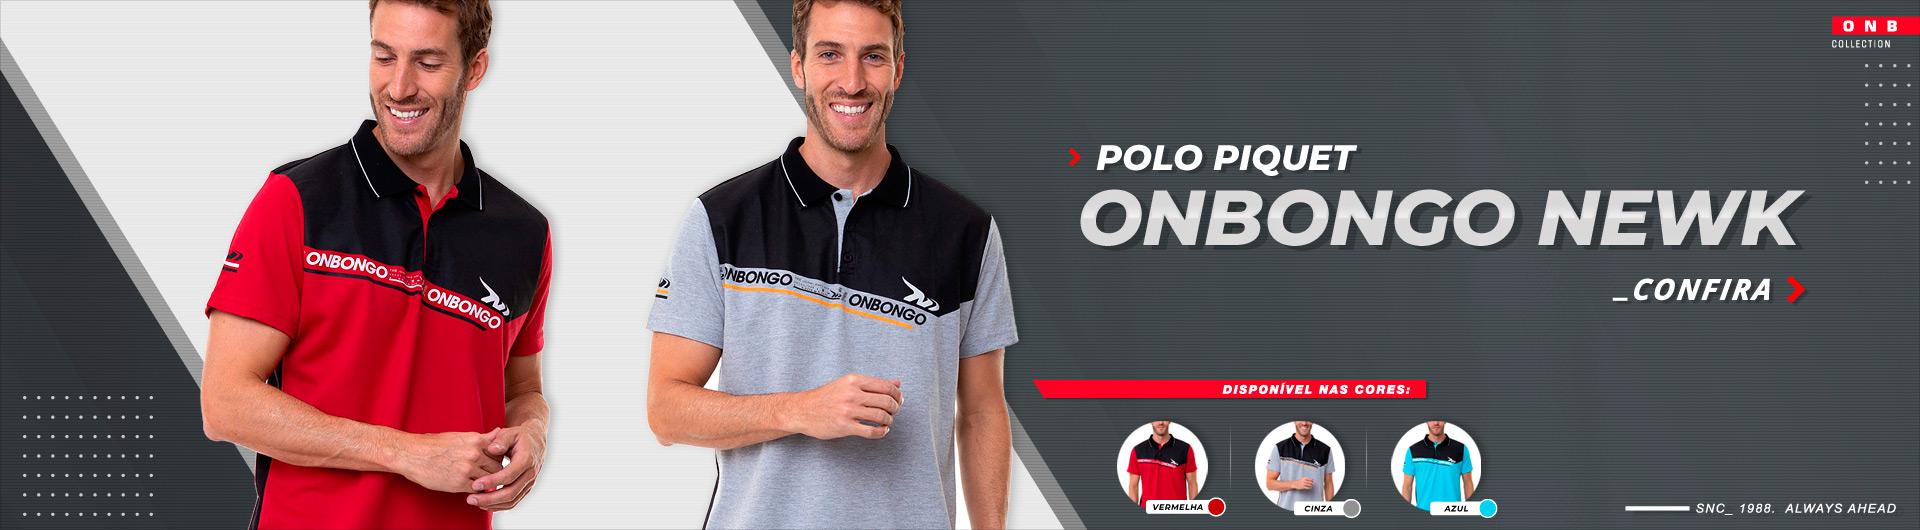 Polo Onbongo Newk - Confira!